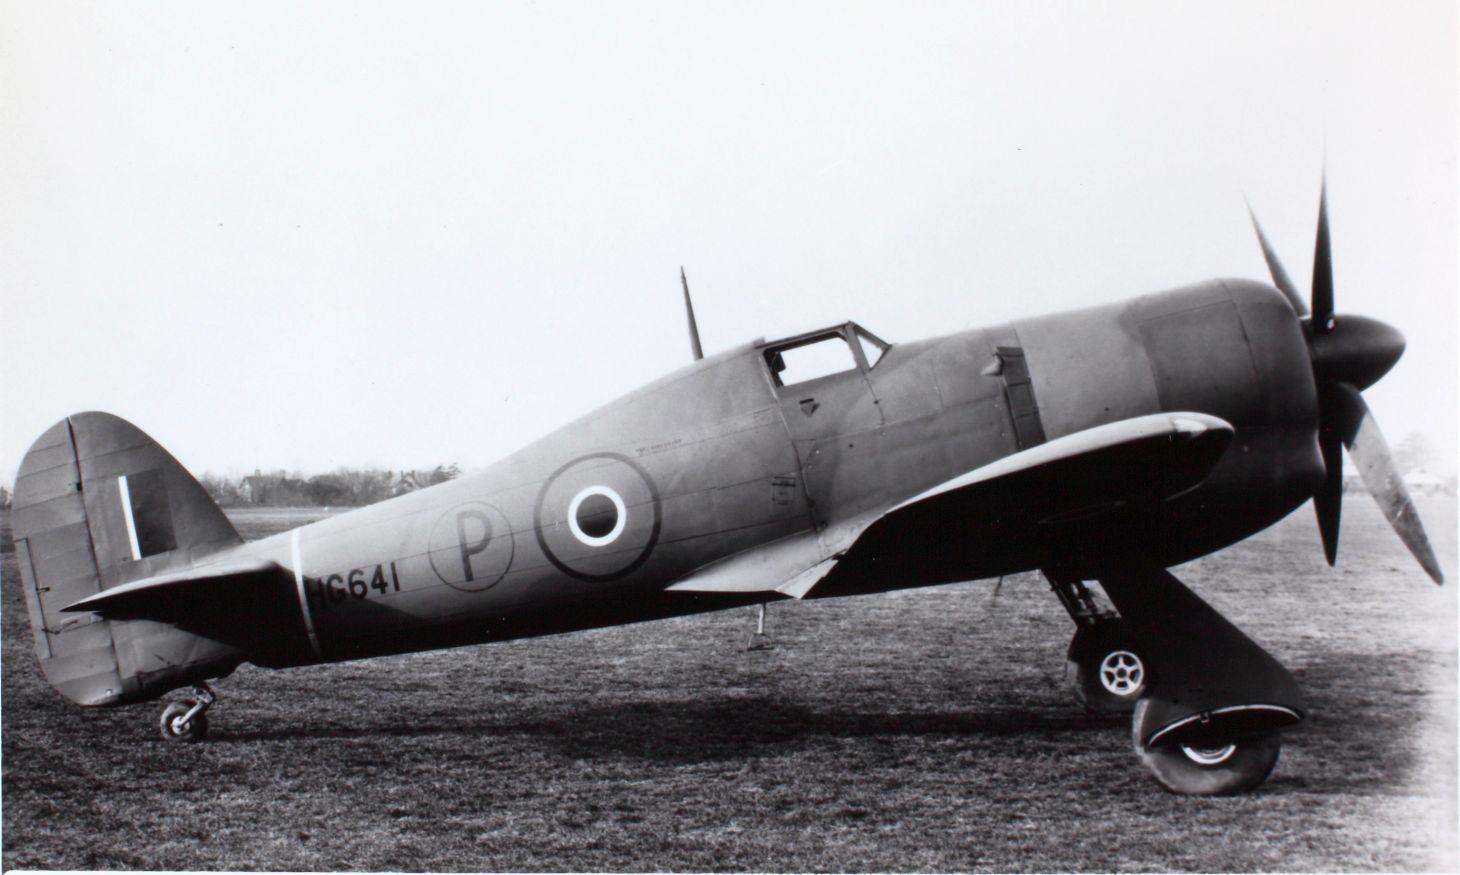 15_Hawker_Tornado_HG641_%2815650663527%29.jpg